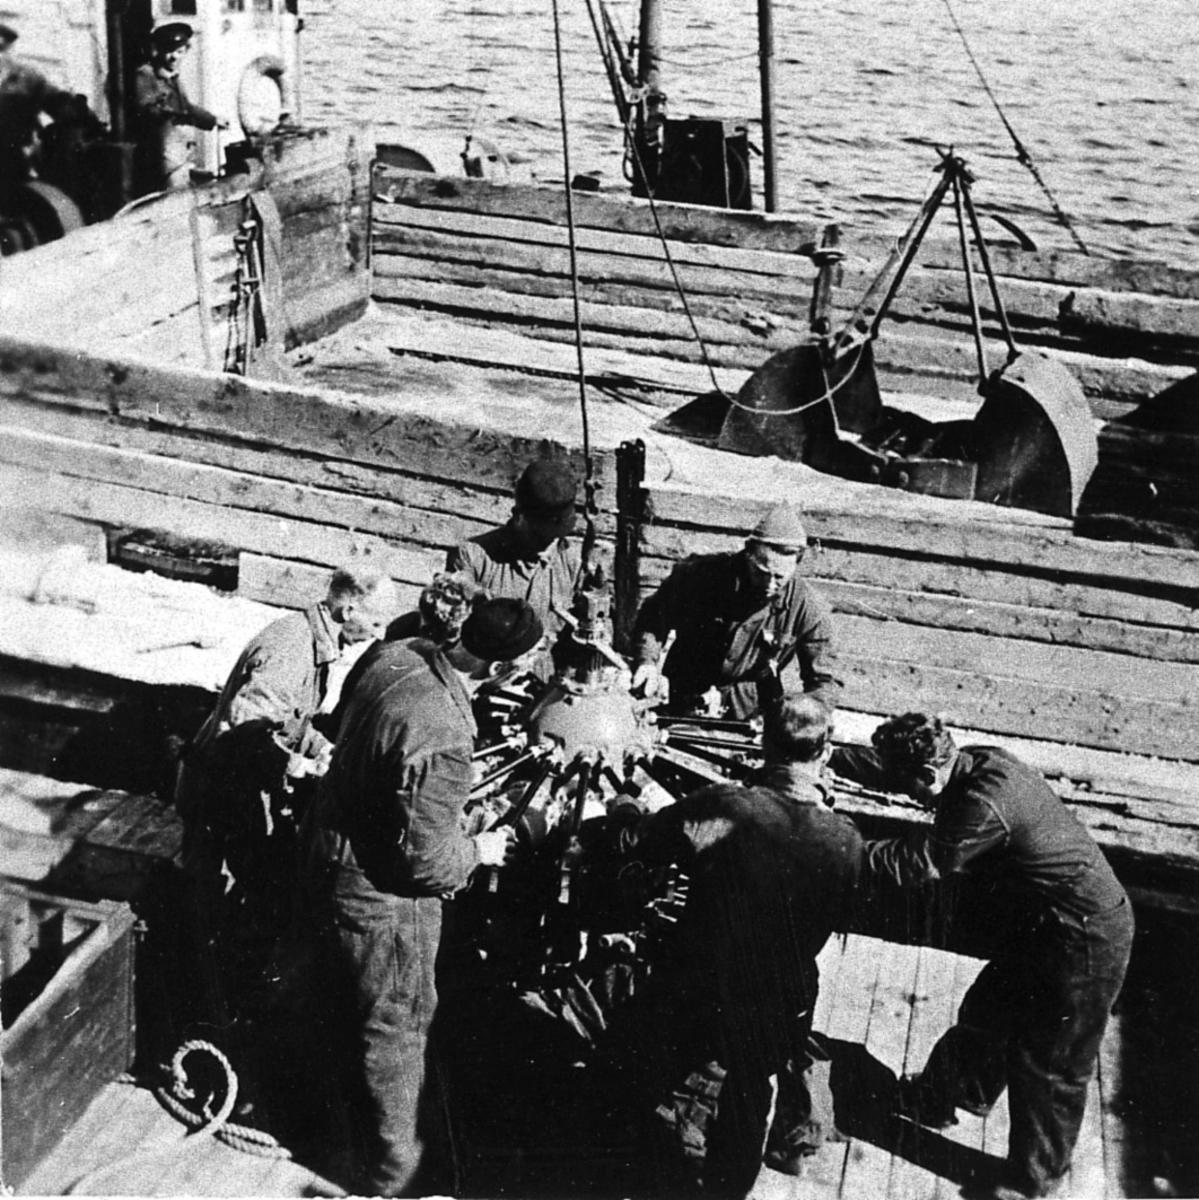 Havneområde. Noen personer ved en flymotor, for propell. Motoren henger i en heisekaran. Tilhører Junkers JU 52/3mge. Noe annet utstyr på kaia.